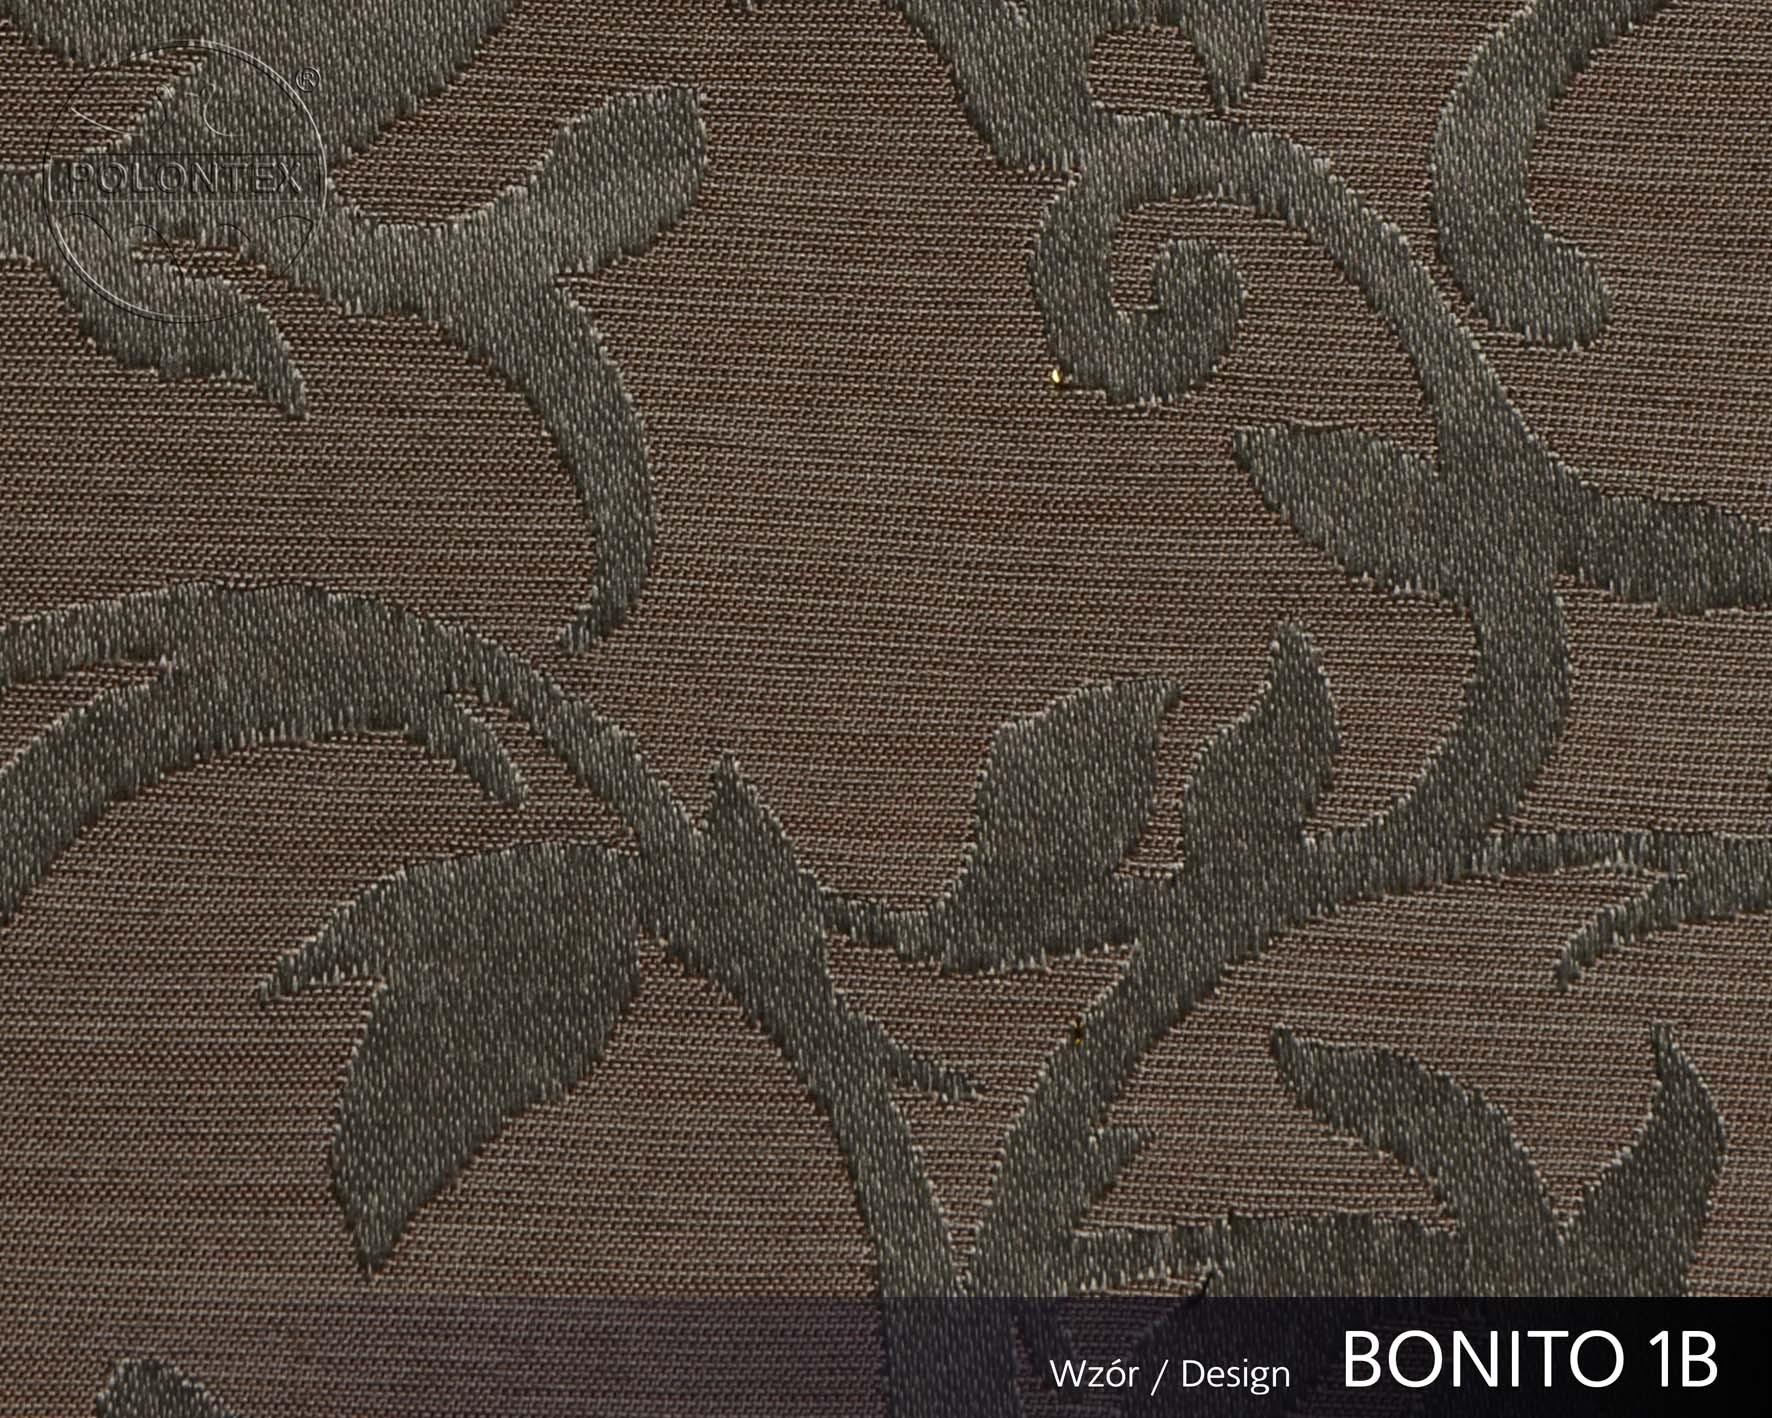 BONITO 1B 7536